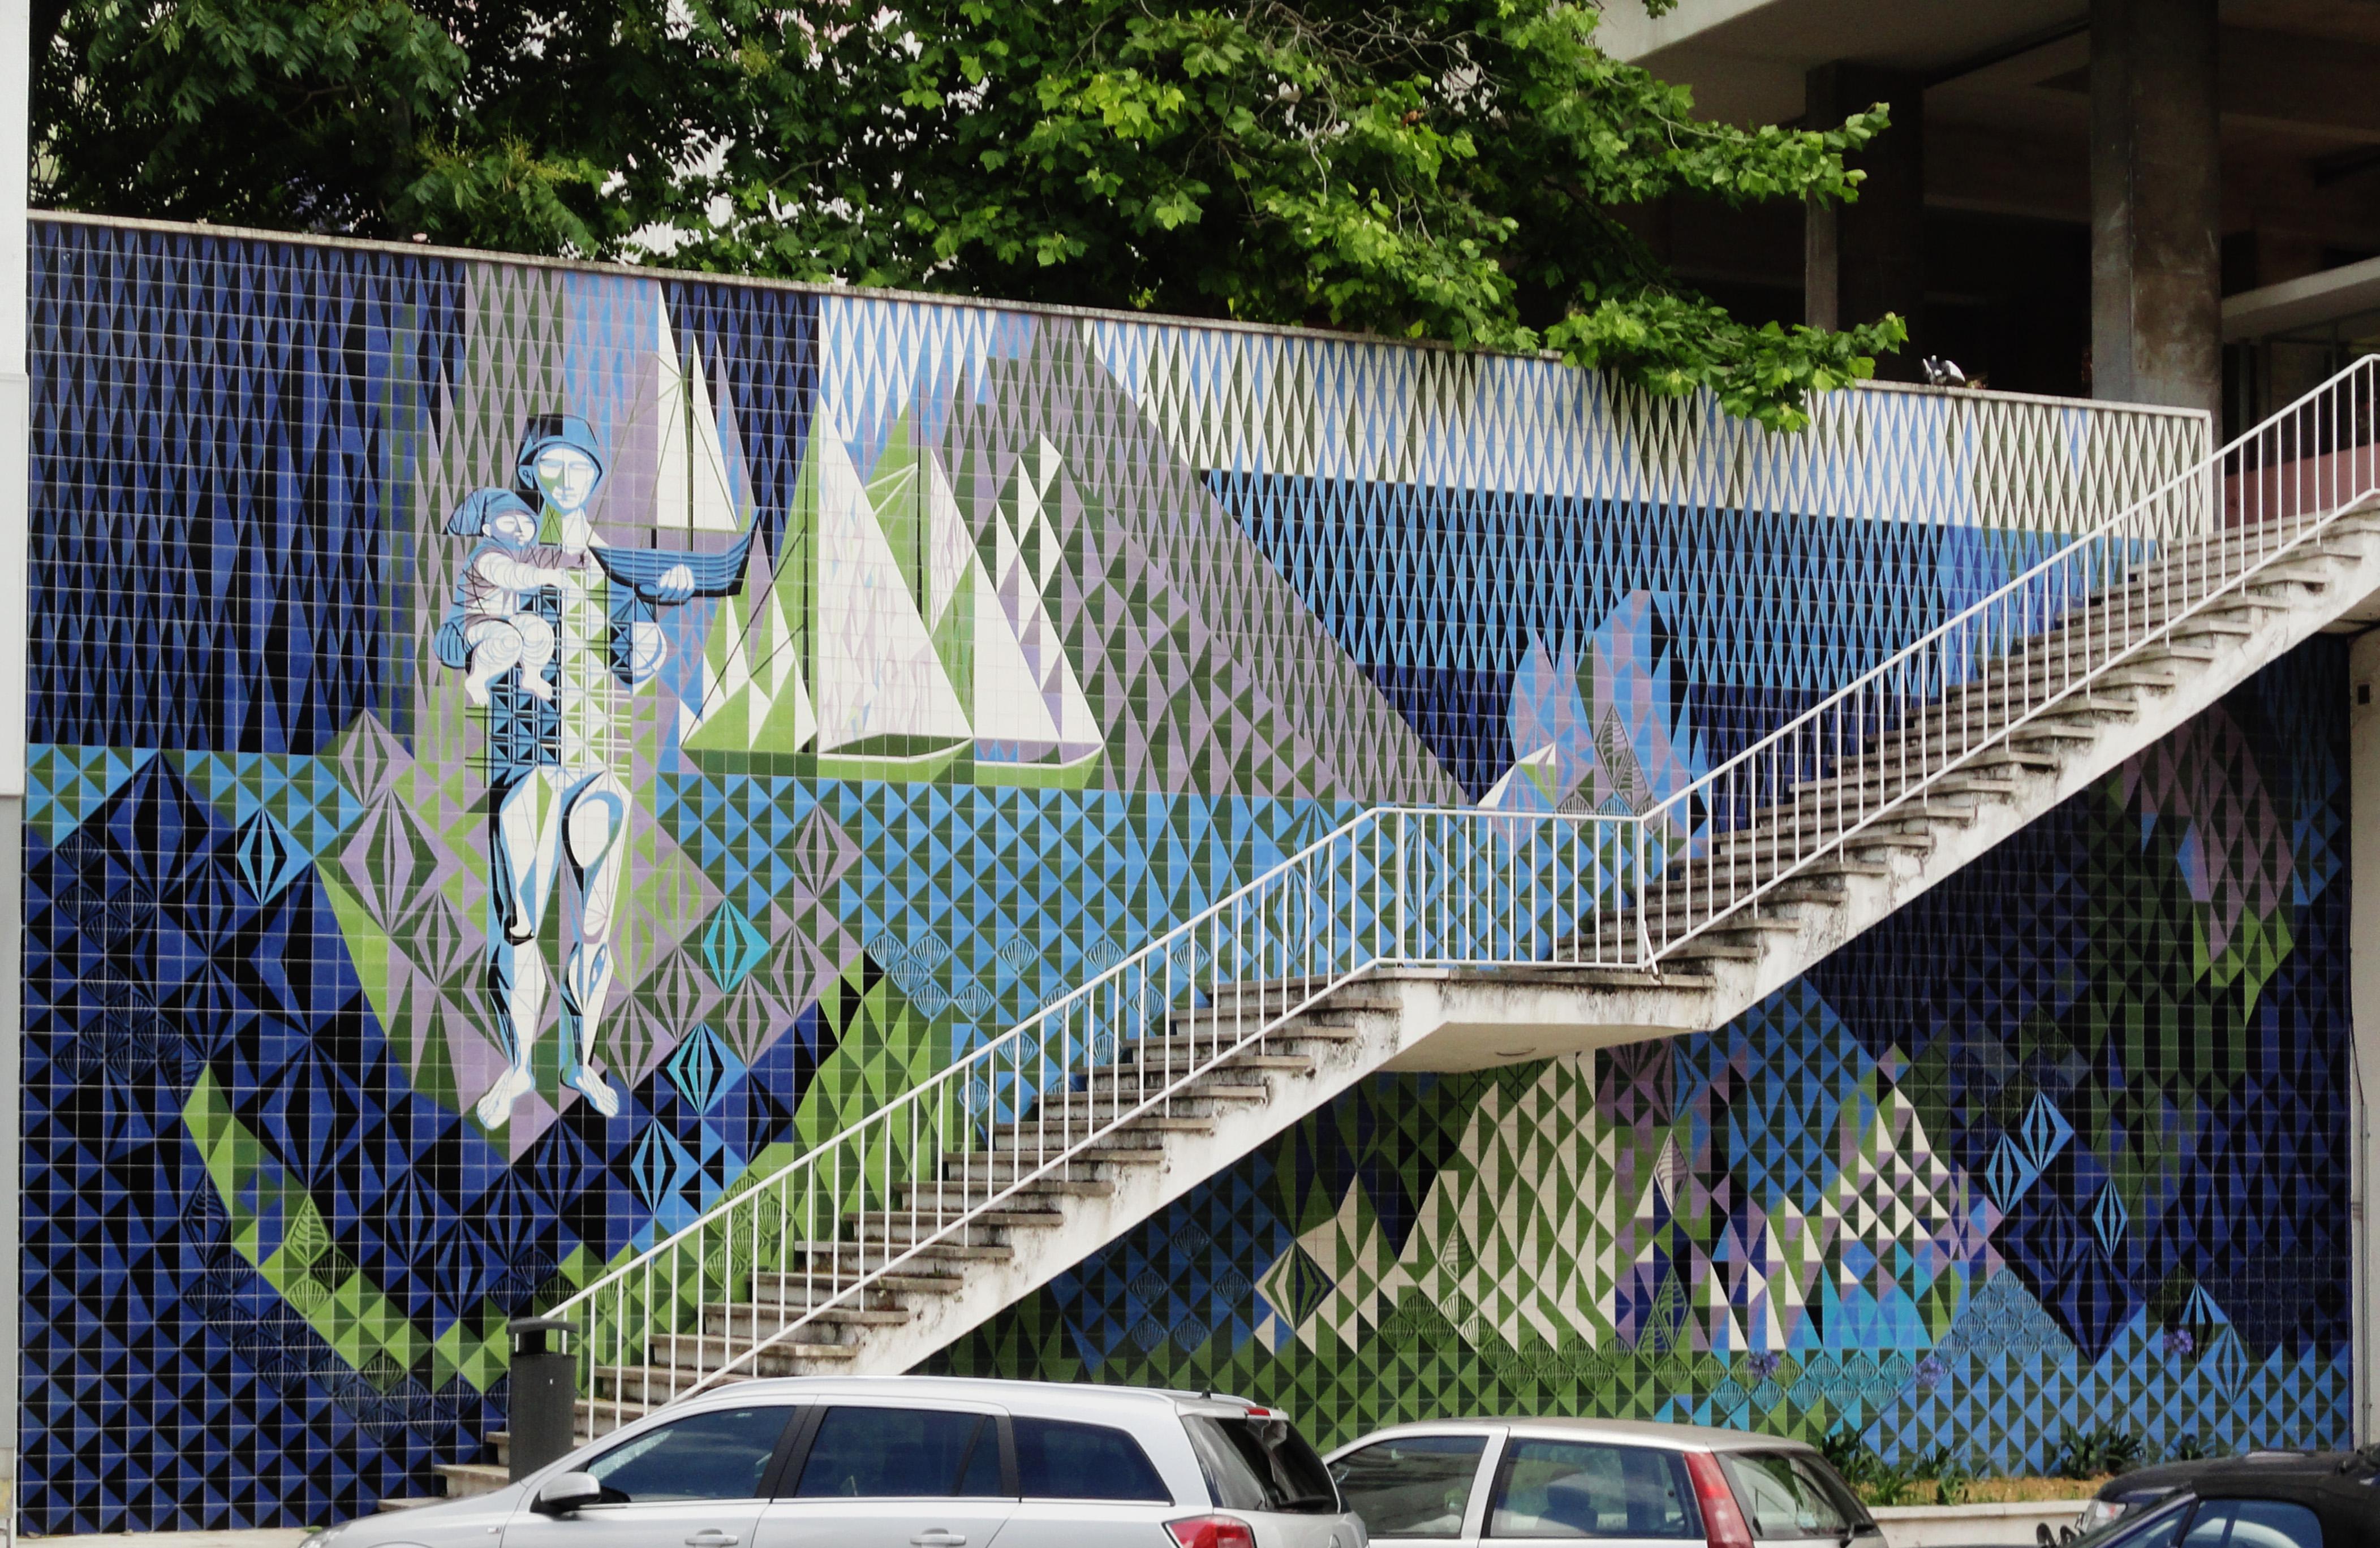 File keil maria o mar 1958 59 painel de azulejos av for Casa dos azulejos lisboa